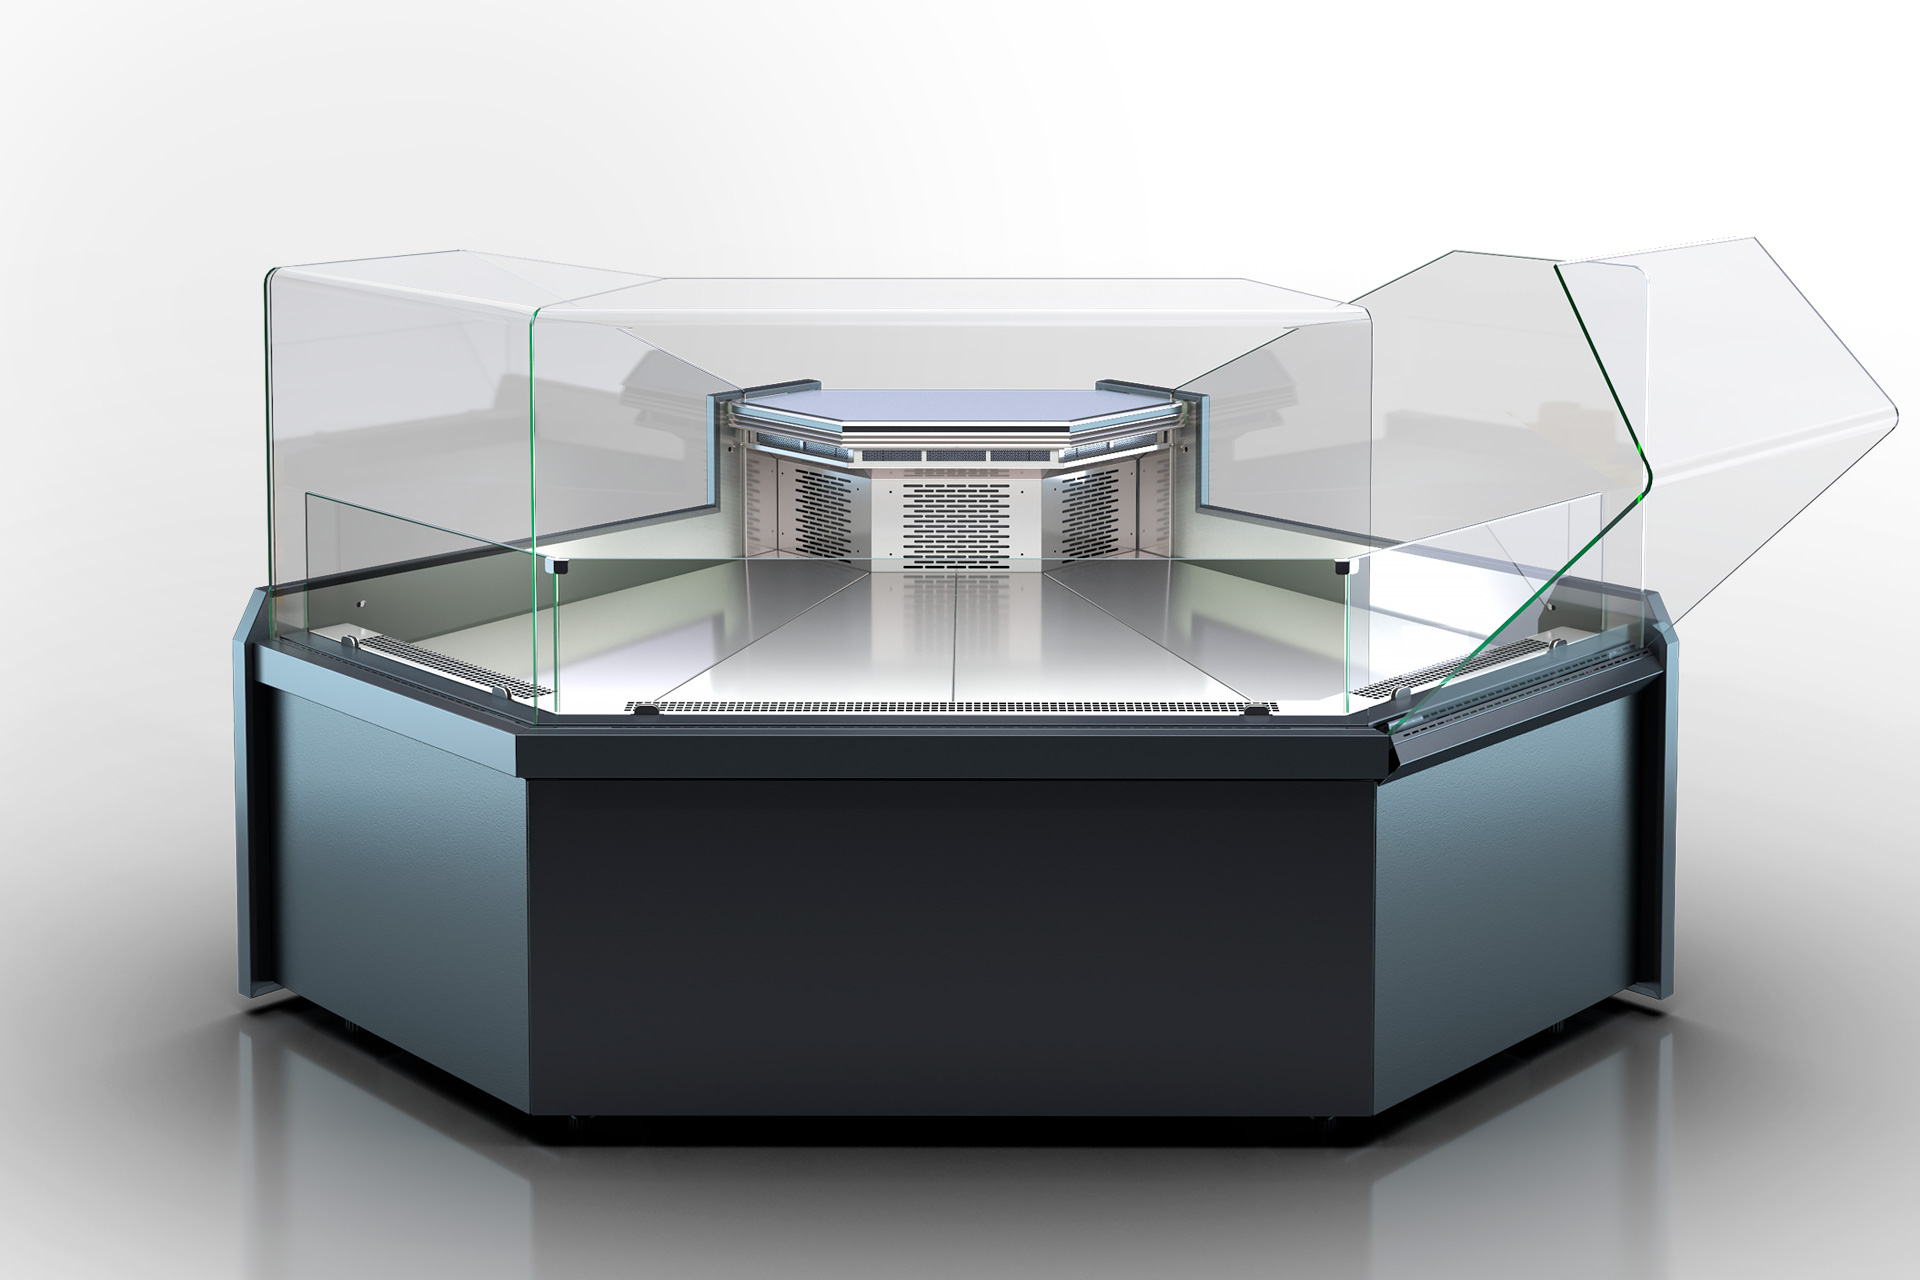 מקרר ויטרינה MISSOURI MC 120 DELI PP/PS/OS/SELF M – ANGULAR ELEMENTS